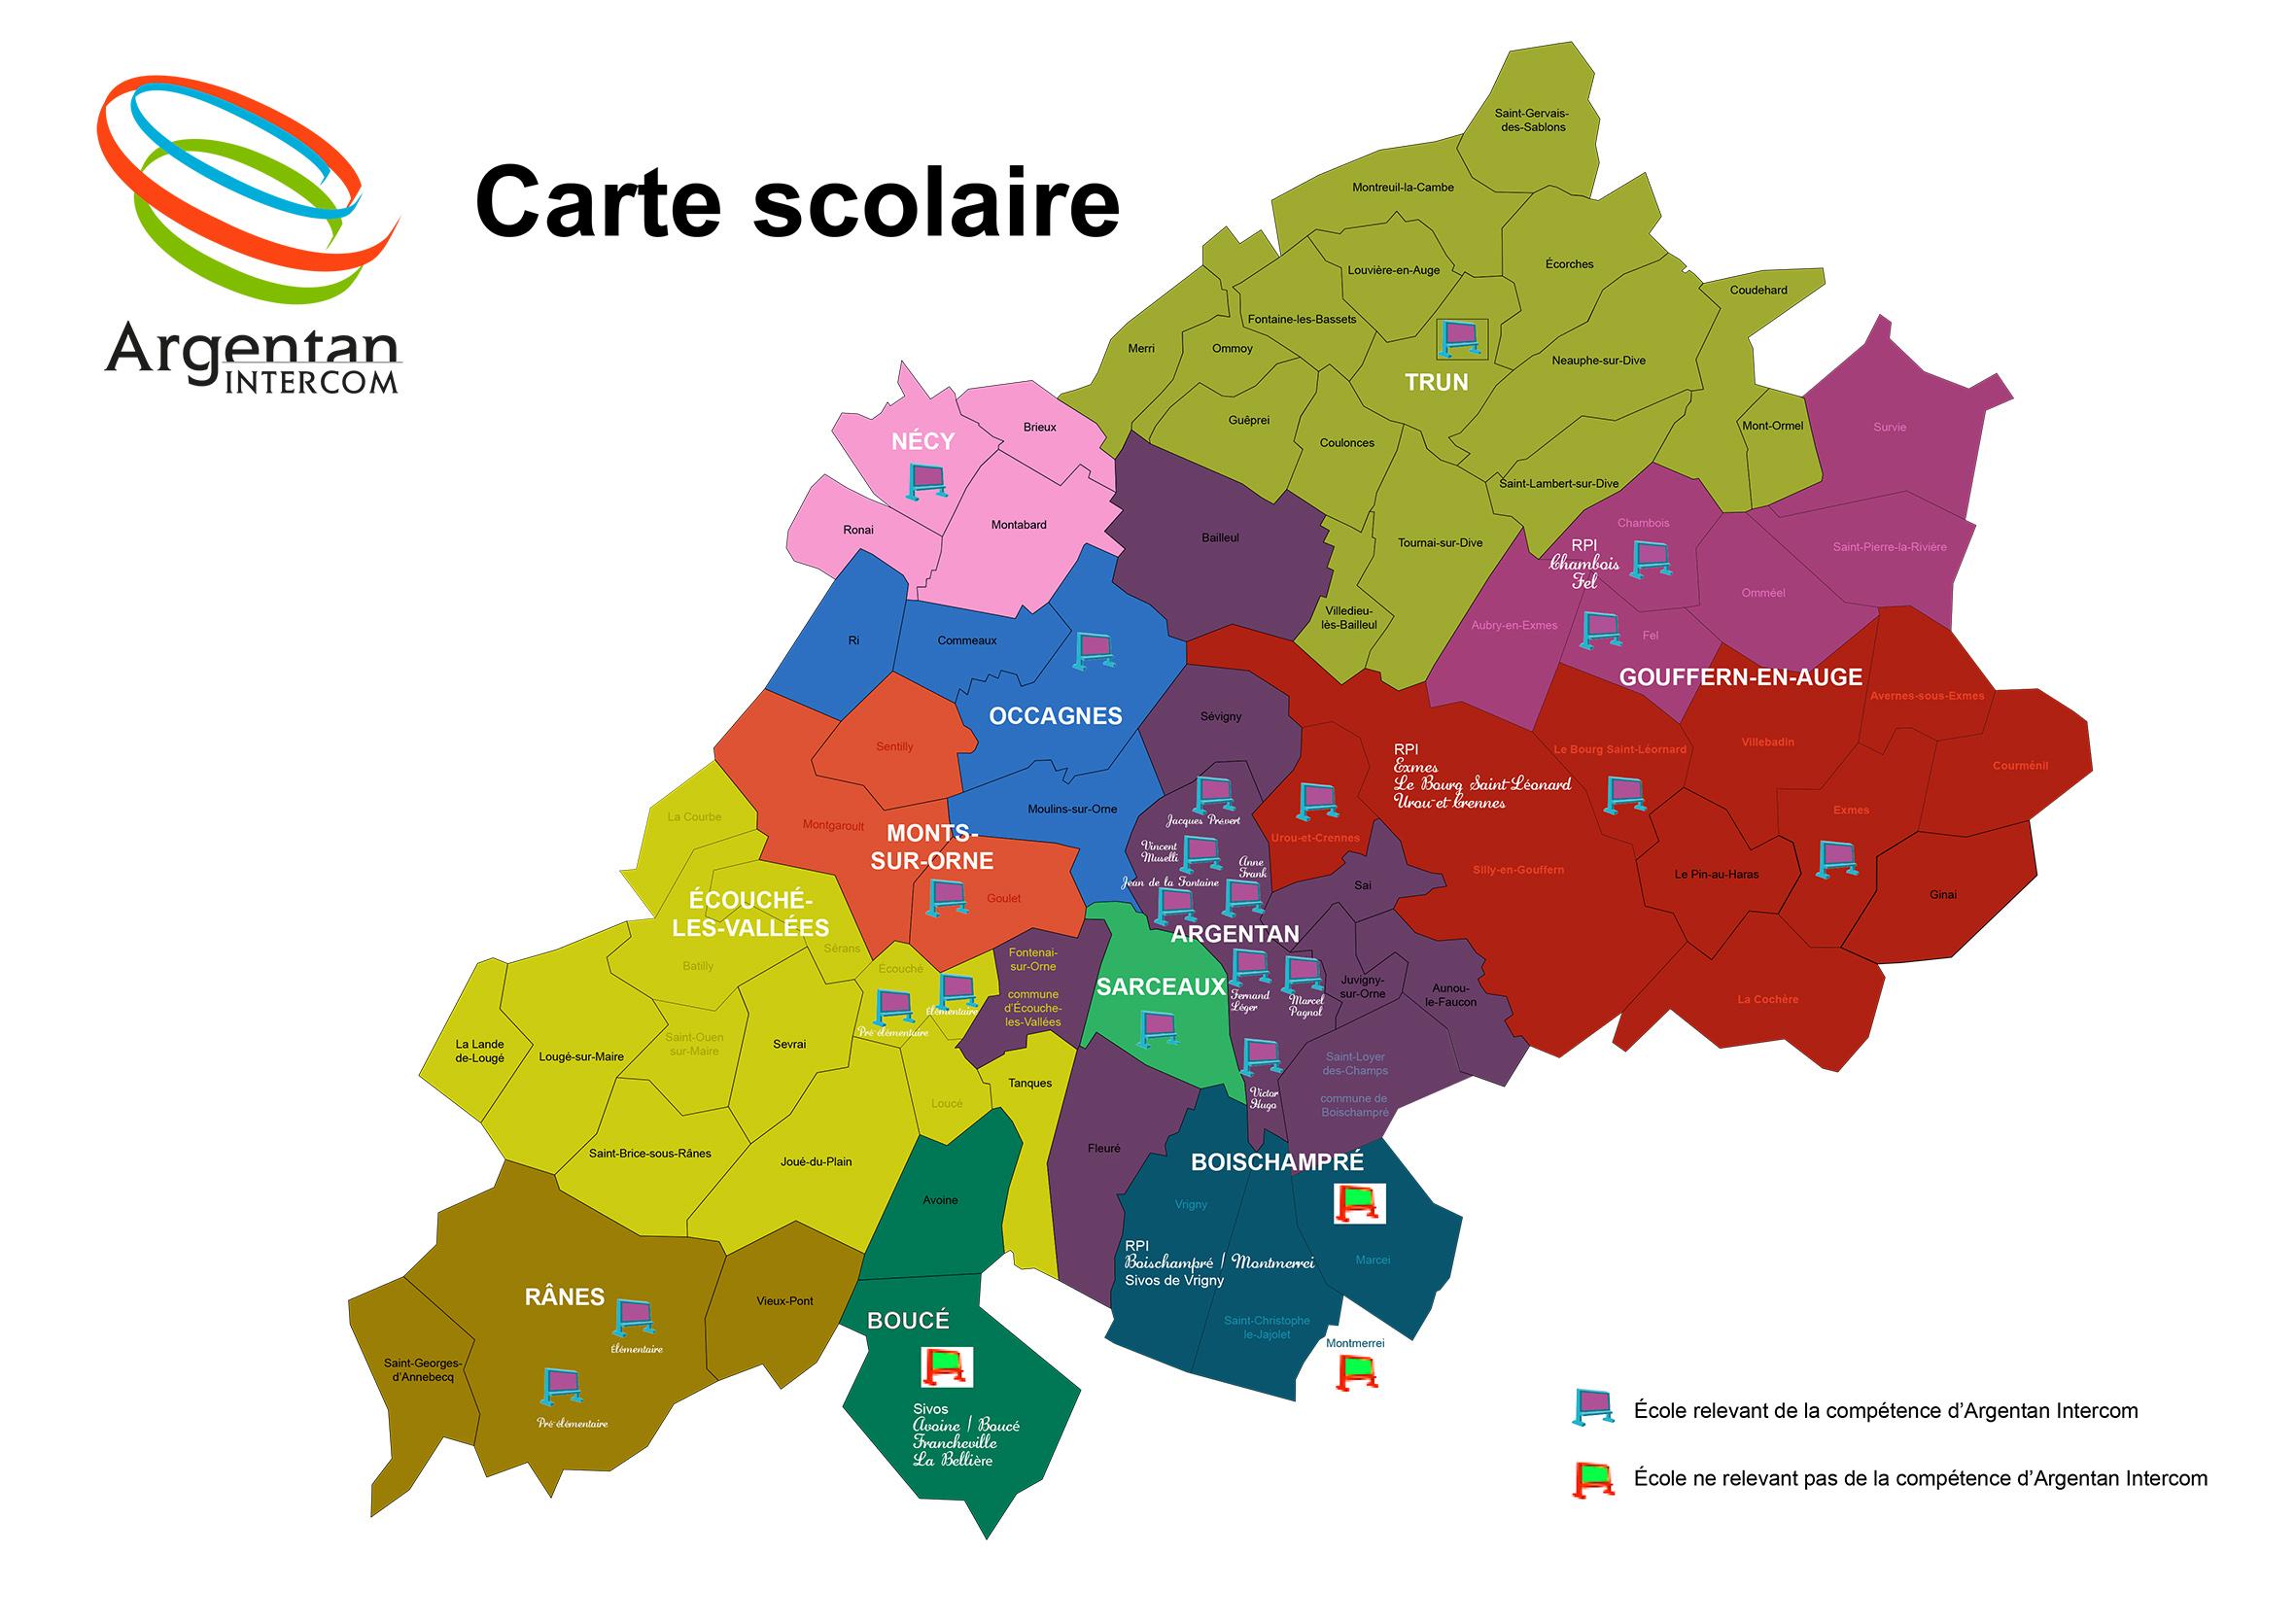 Carte scolaire